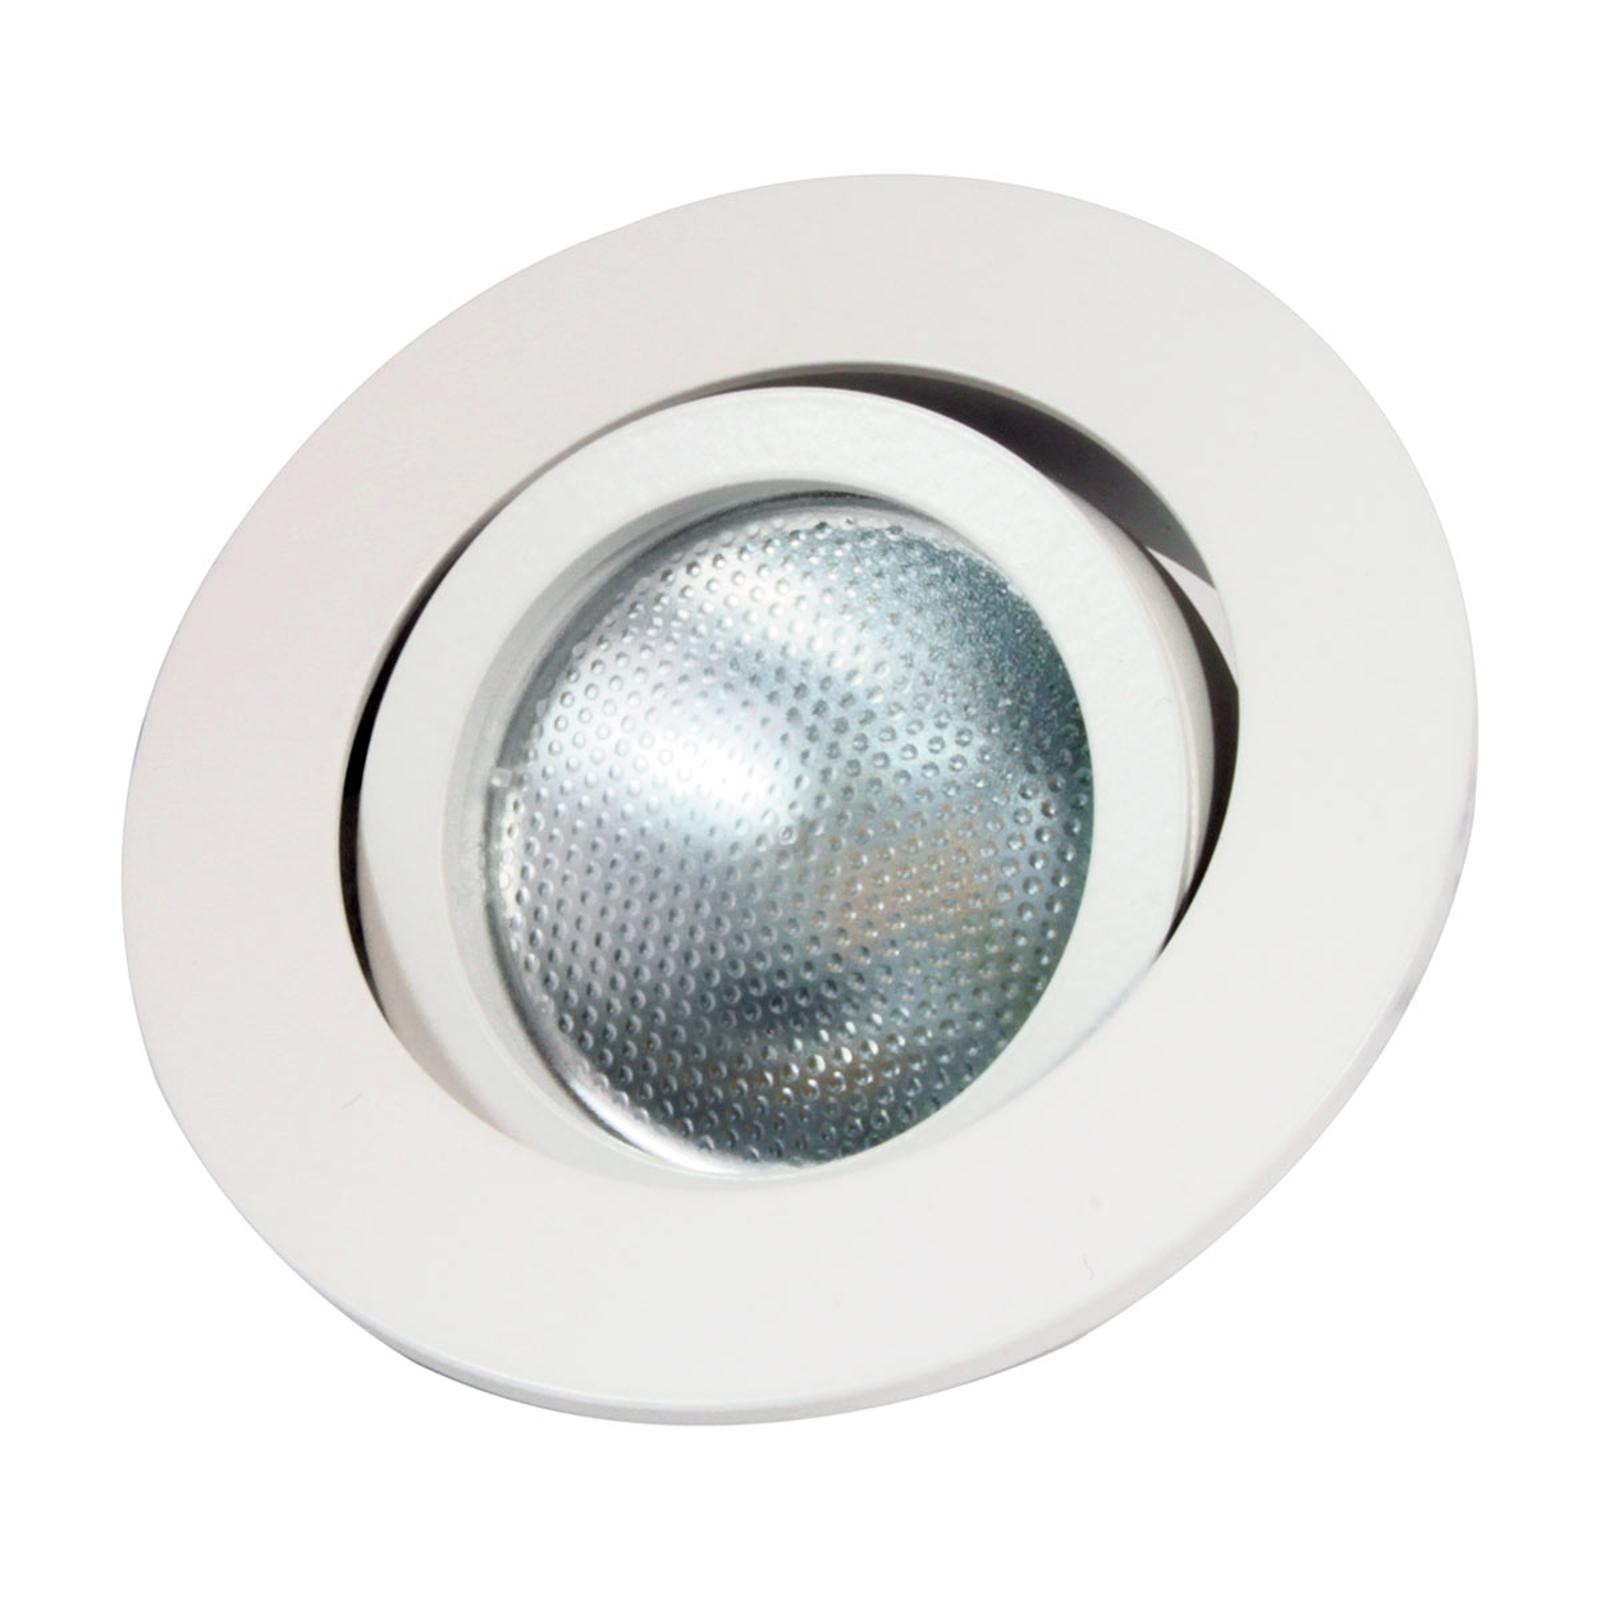 Decoclic LED-indbygningsring GU10/GU5.3 rund, hvid